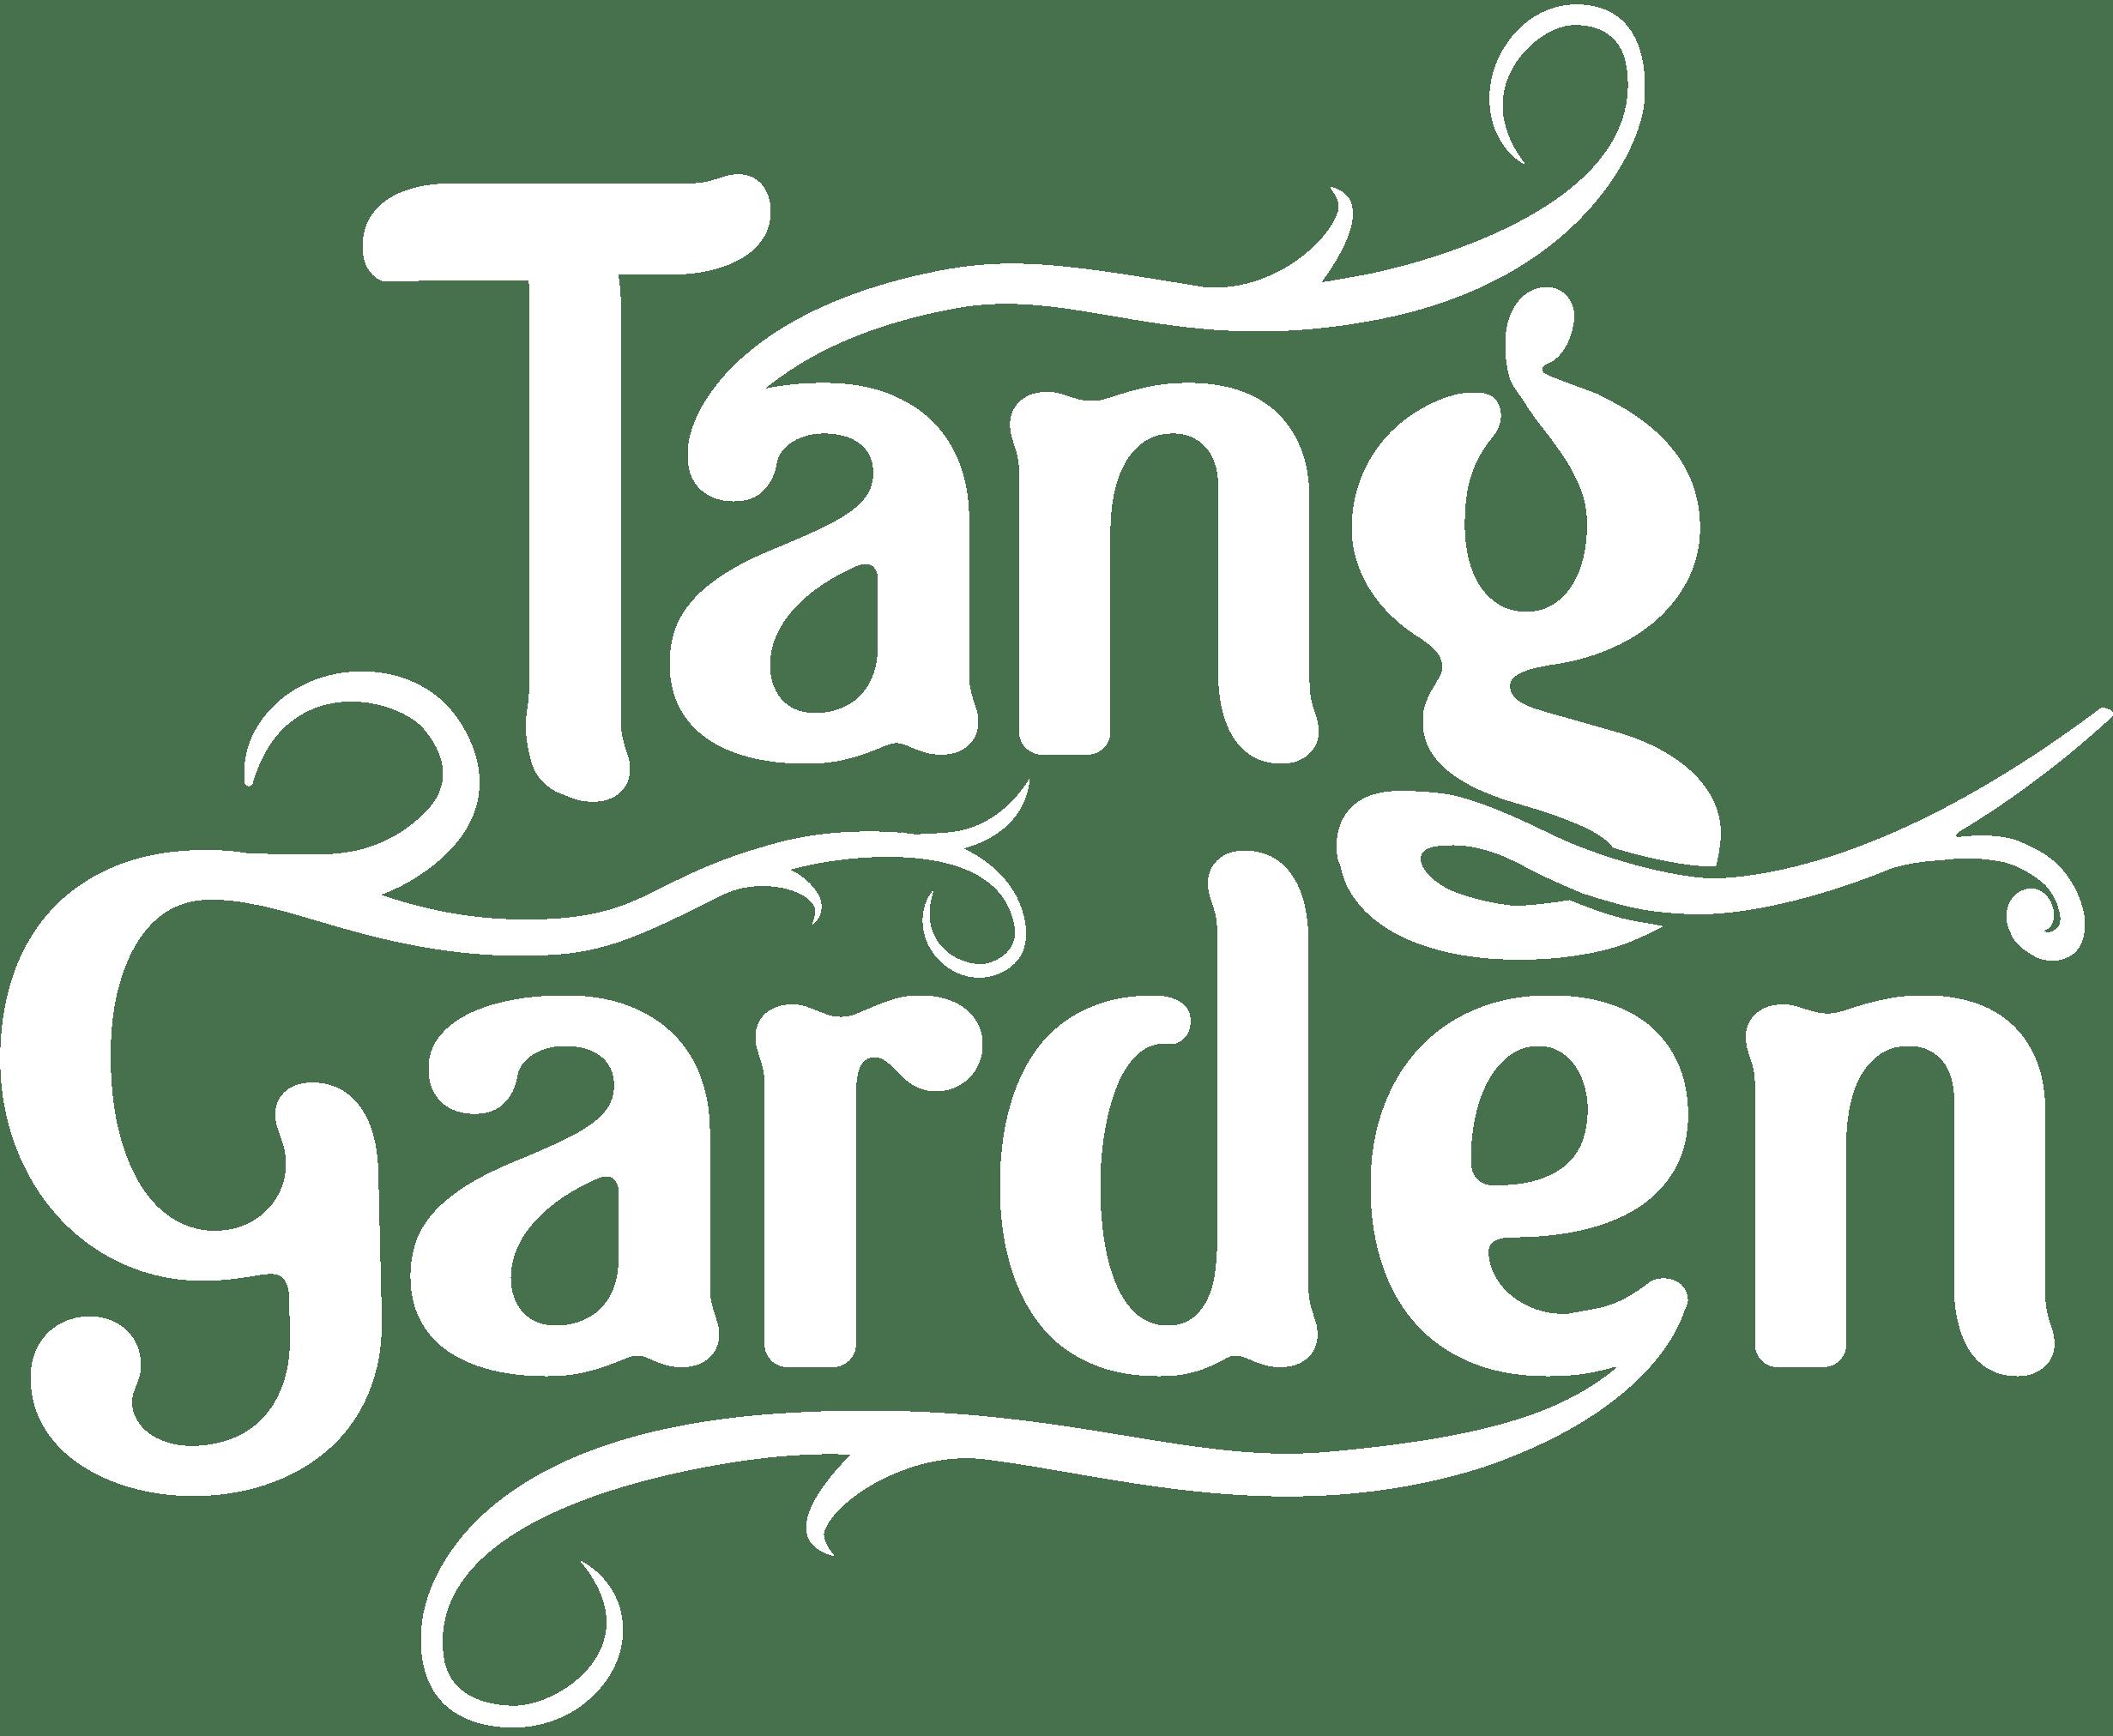 Tang Garden Logo